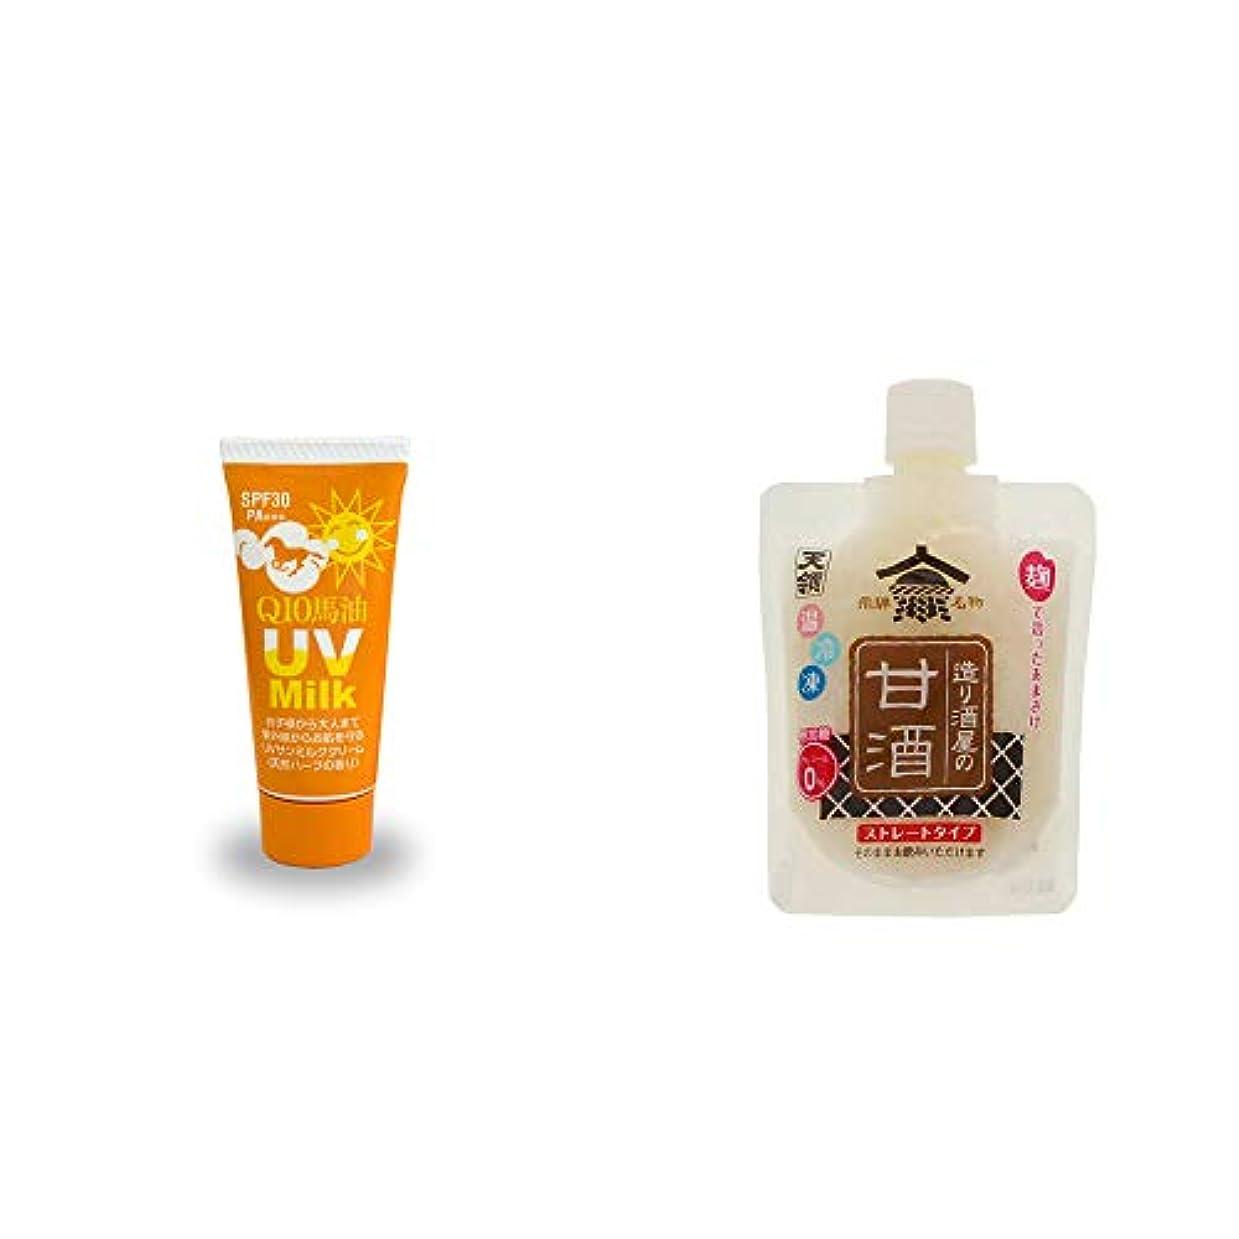 品発生分類する[2点セット] 炭黒泉 Q10馬油 UVサンミルク[天然ハーブ](40g)?天領 造り酒屋の甘酒 ストレートタイプ(130g)